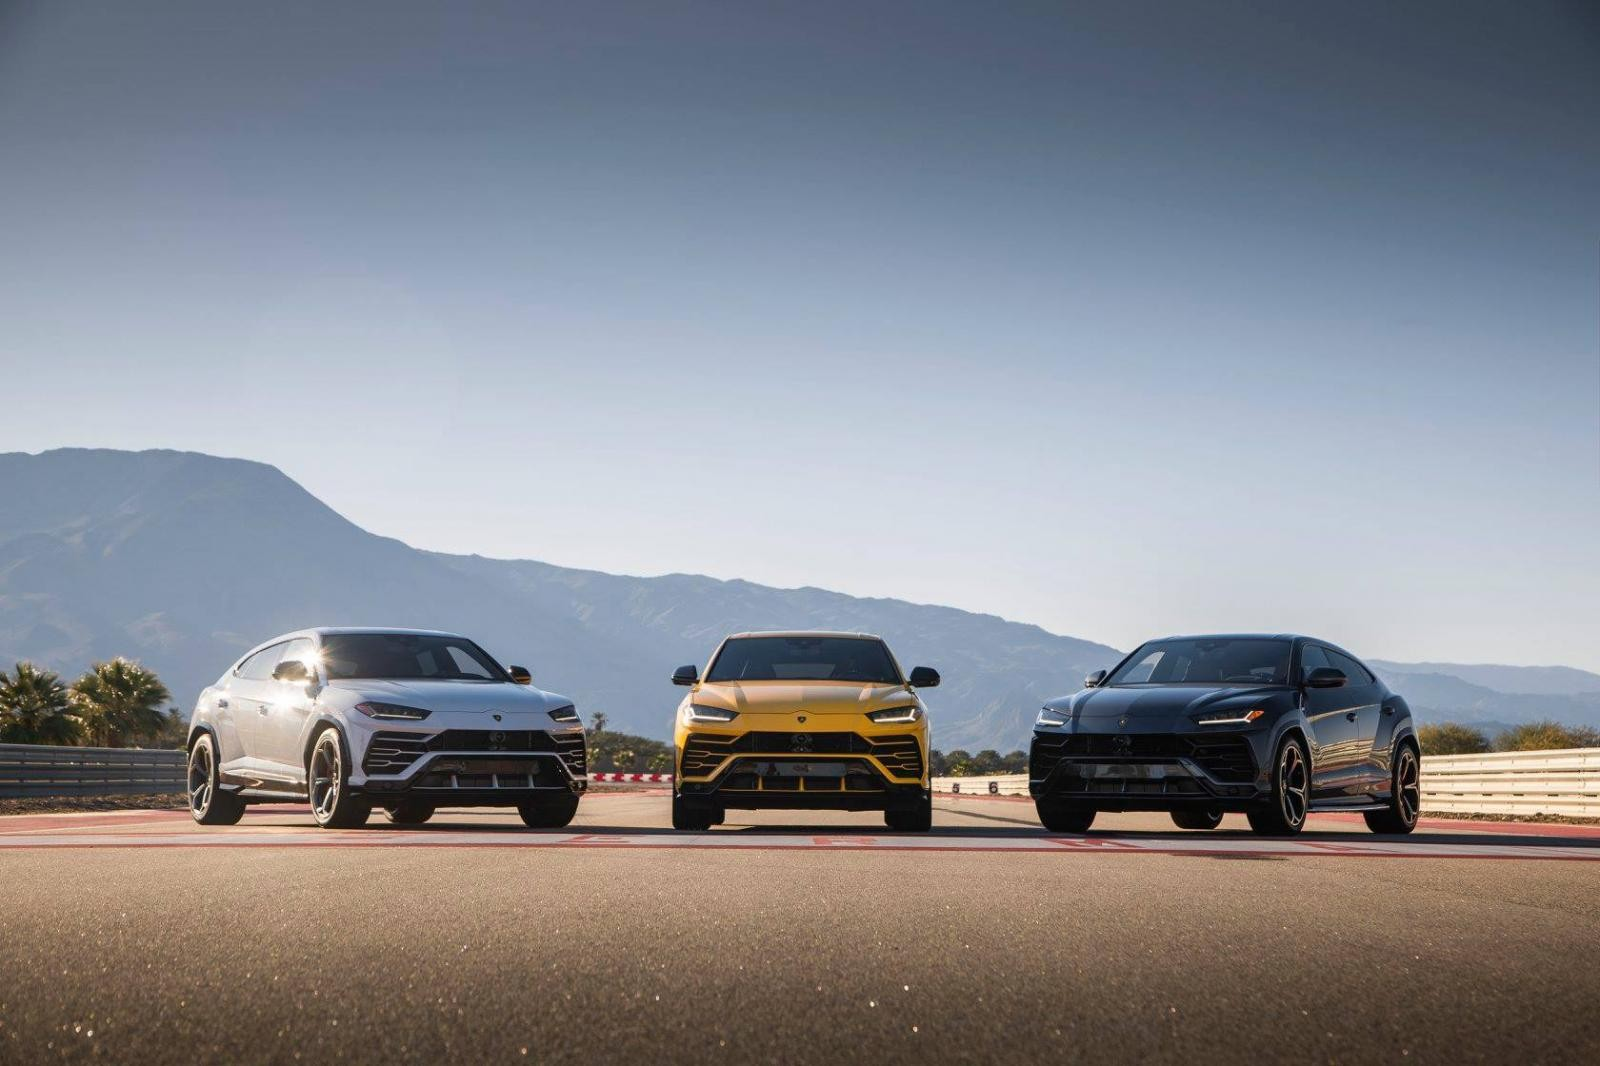 Lamborghini Urus là một yếu tố lớn mang đến năm 2018 cực thành công cho nhà sản xuất siêu xe Ý